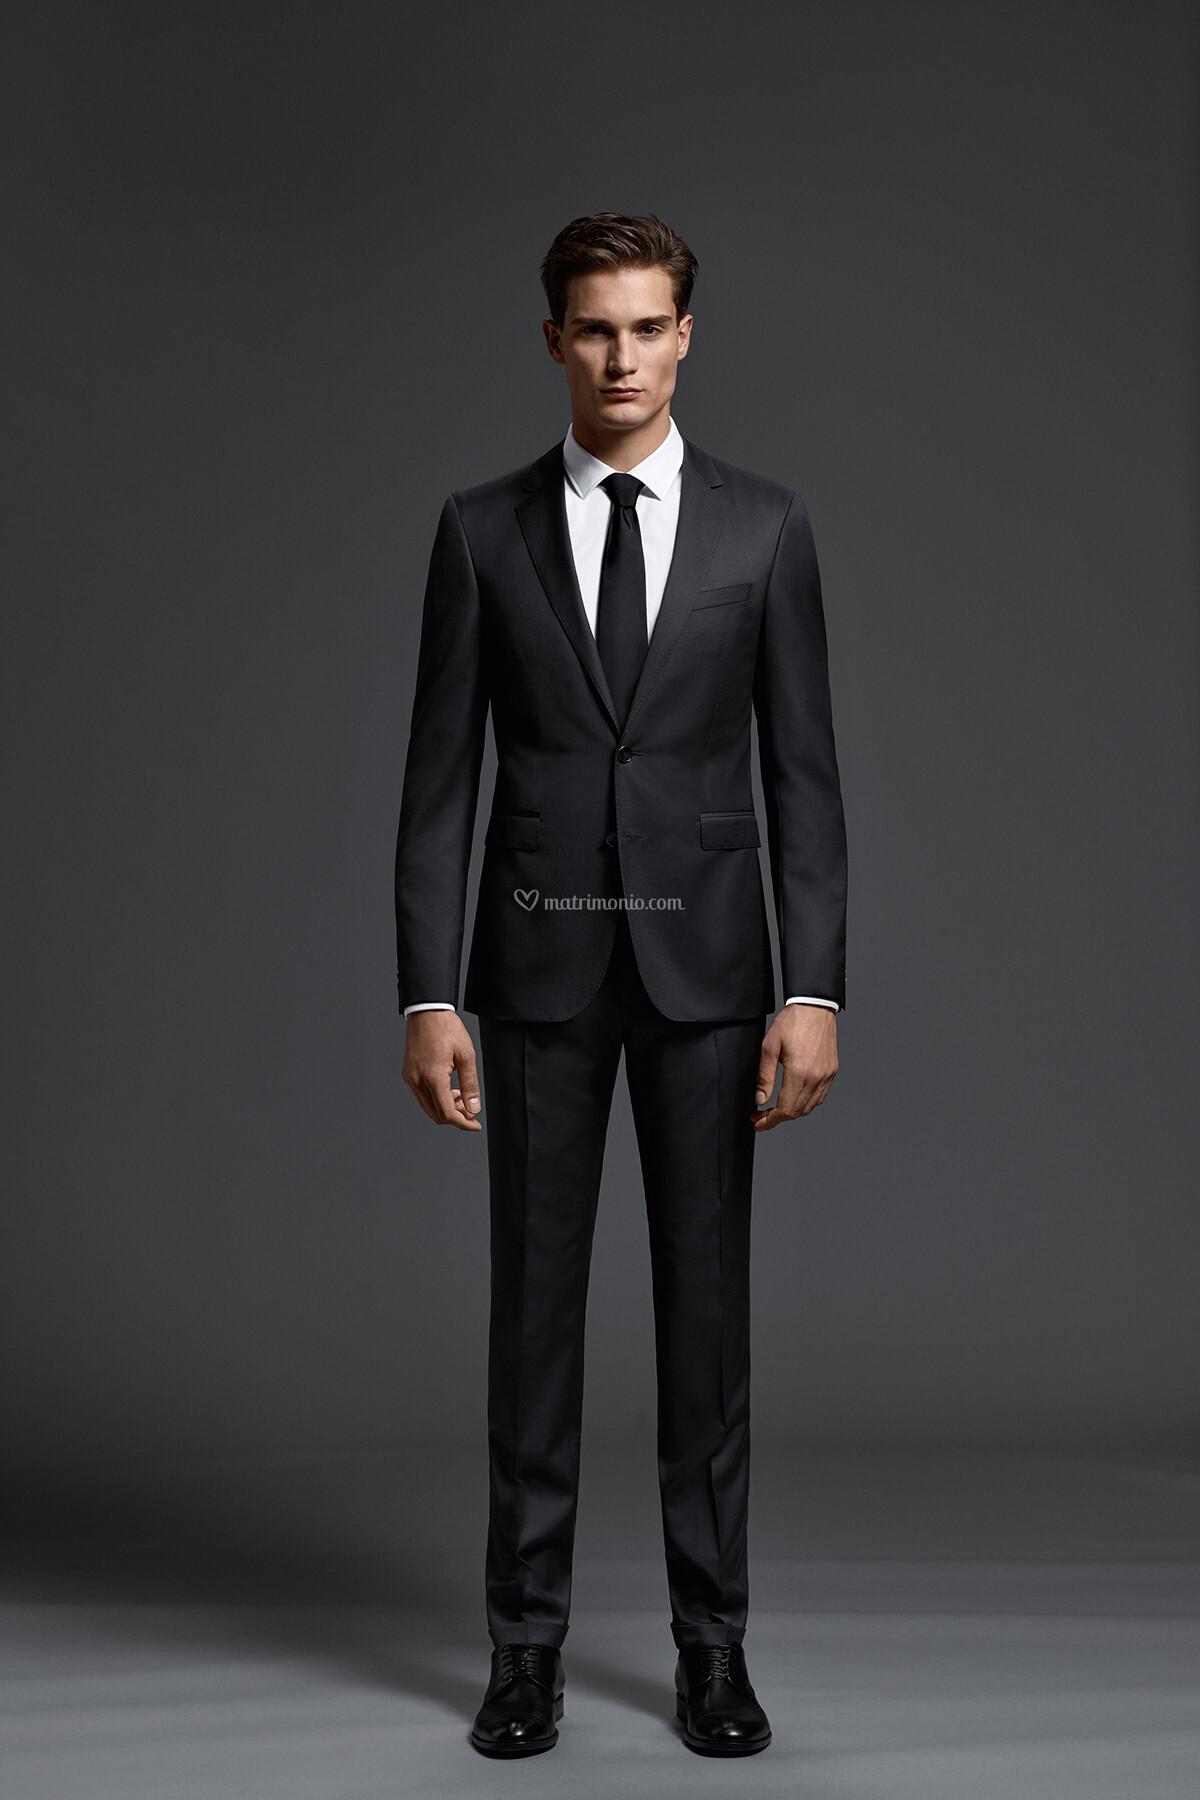 Abiti Da Cerimonia Hugo Boss.Vestiti Da Sposo Di Hugo Boss Hb 008 Matrimonio Com